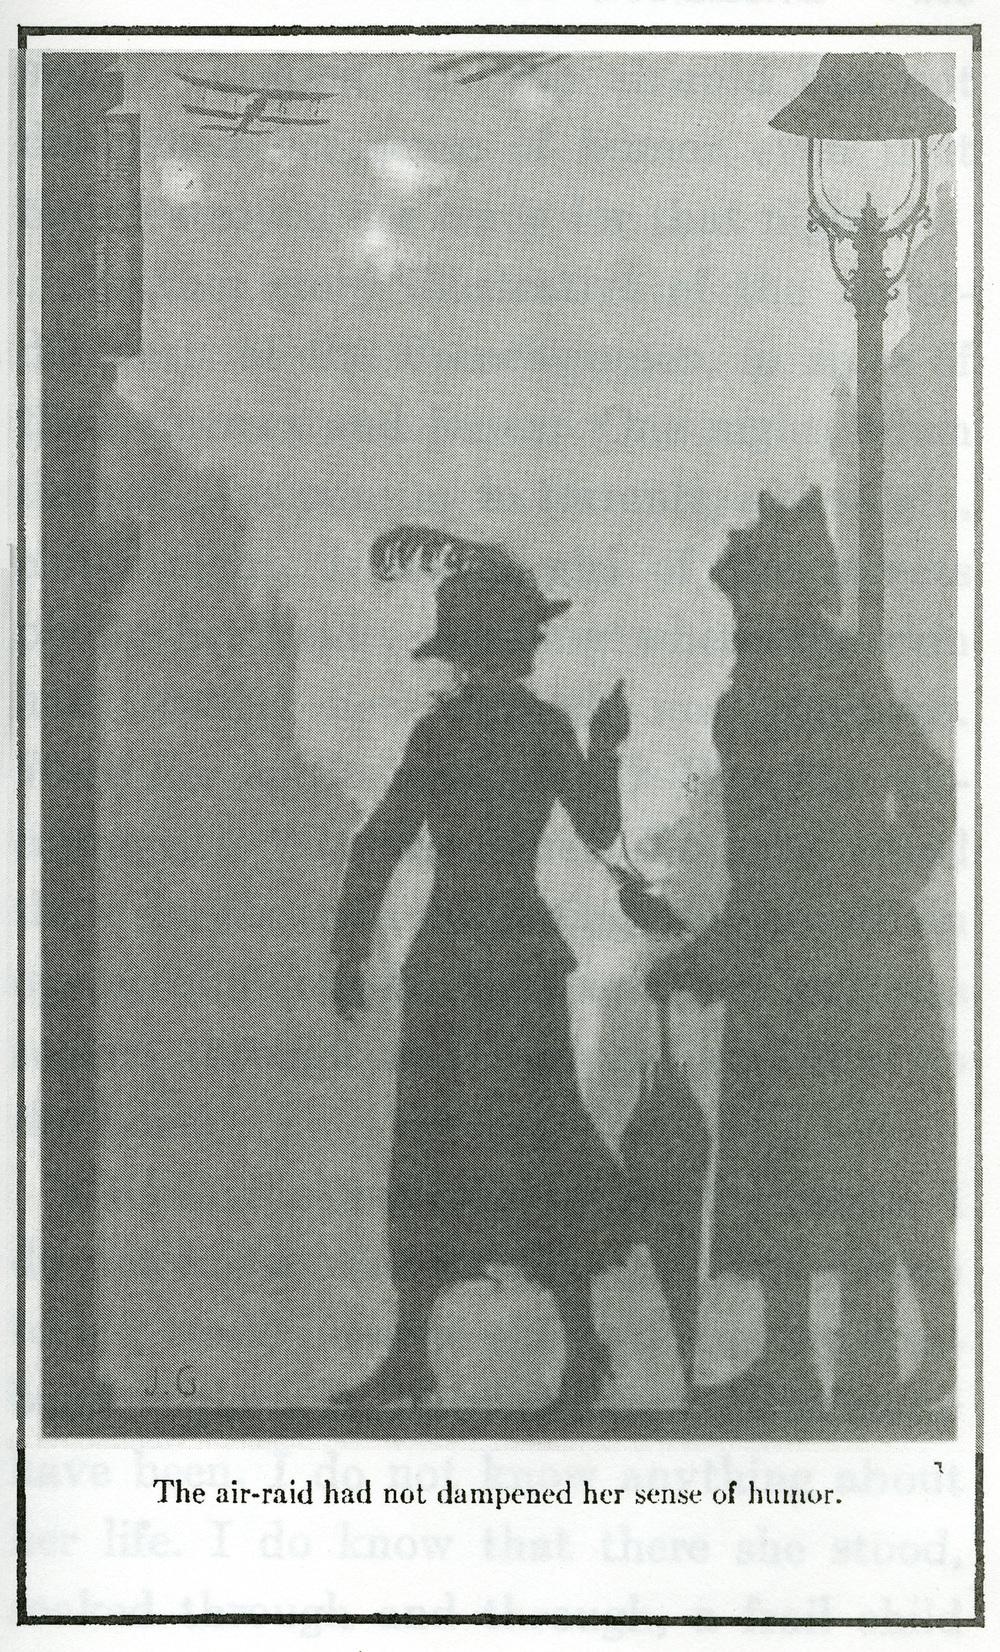 gillespie_soldiersilhouettes_1918_2.jpg